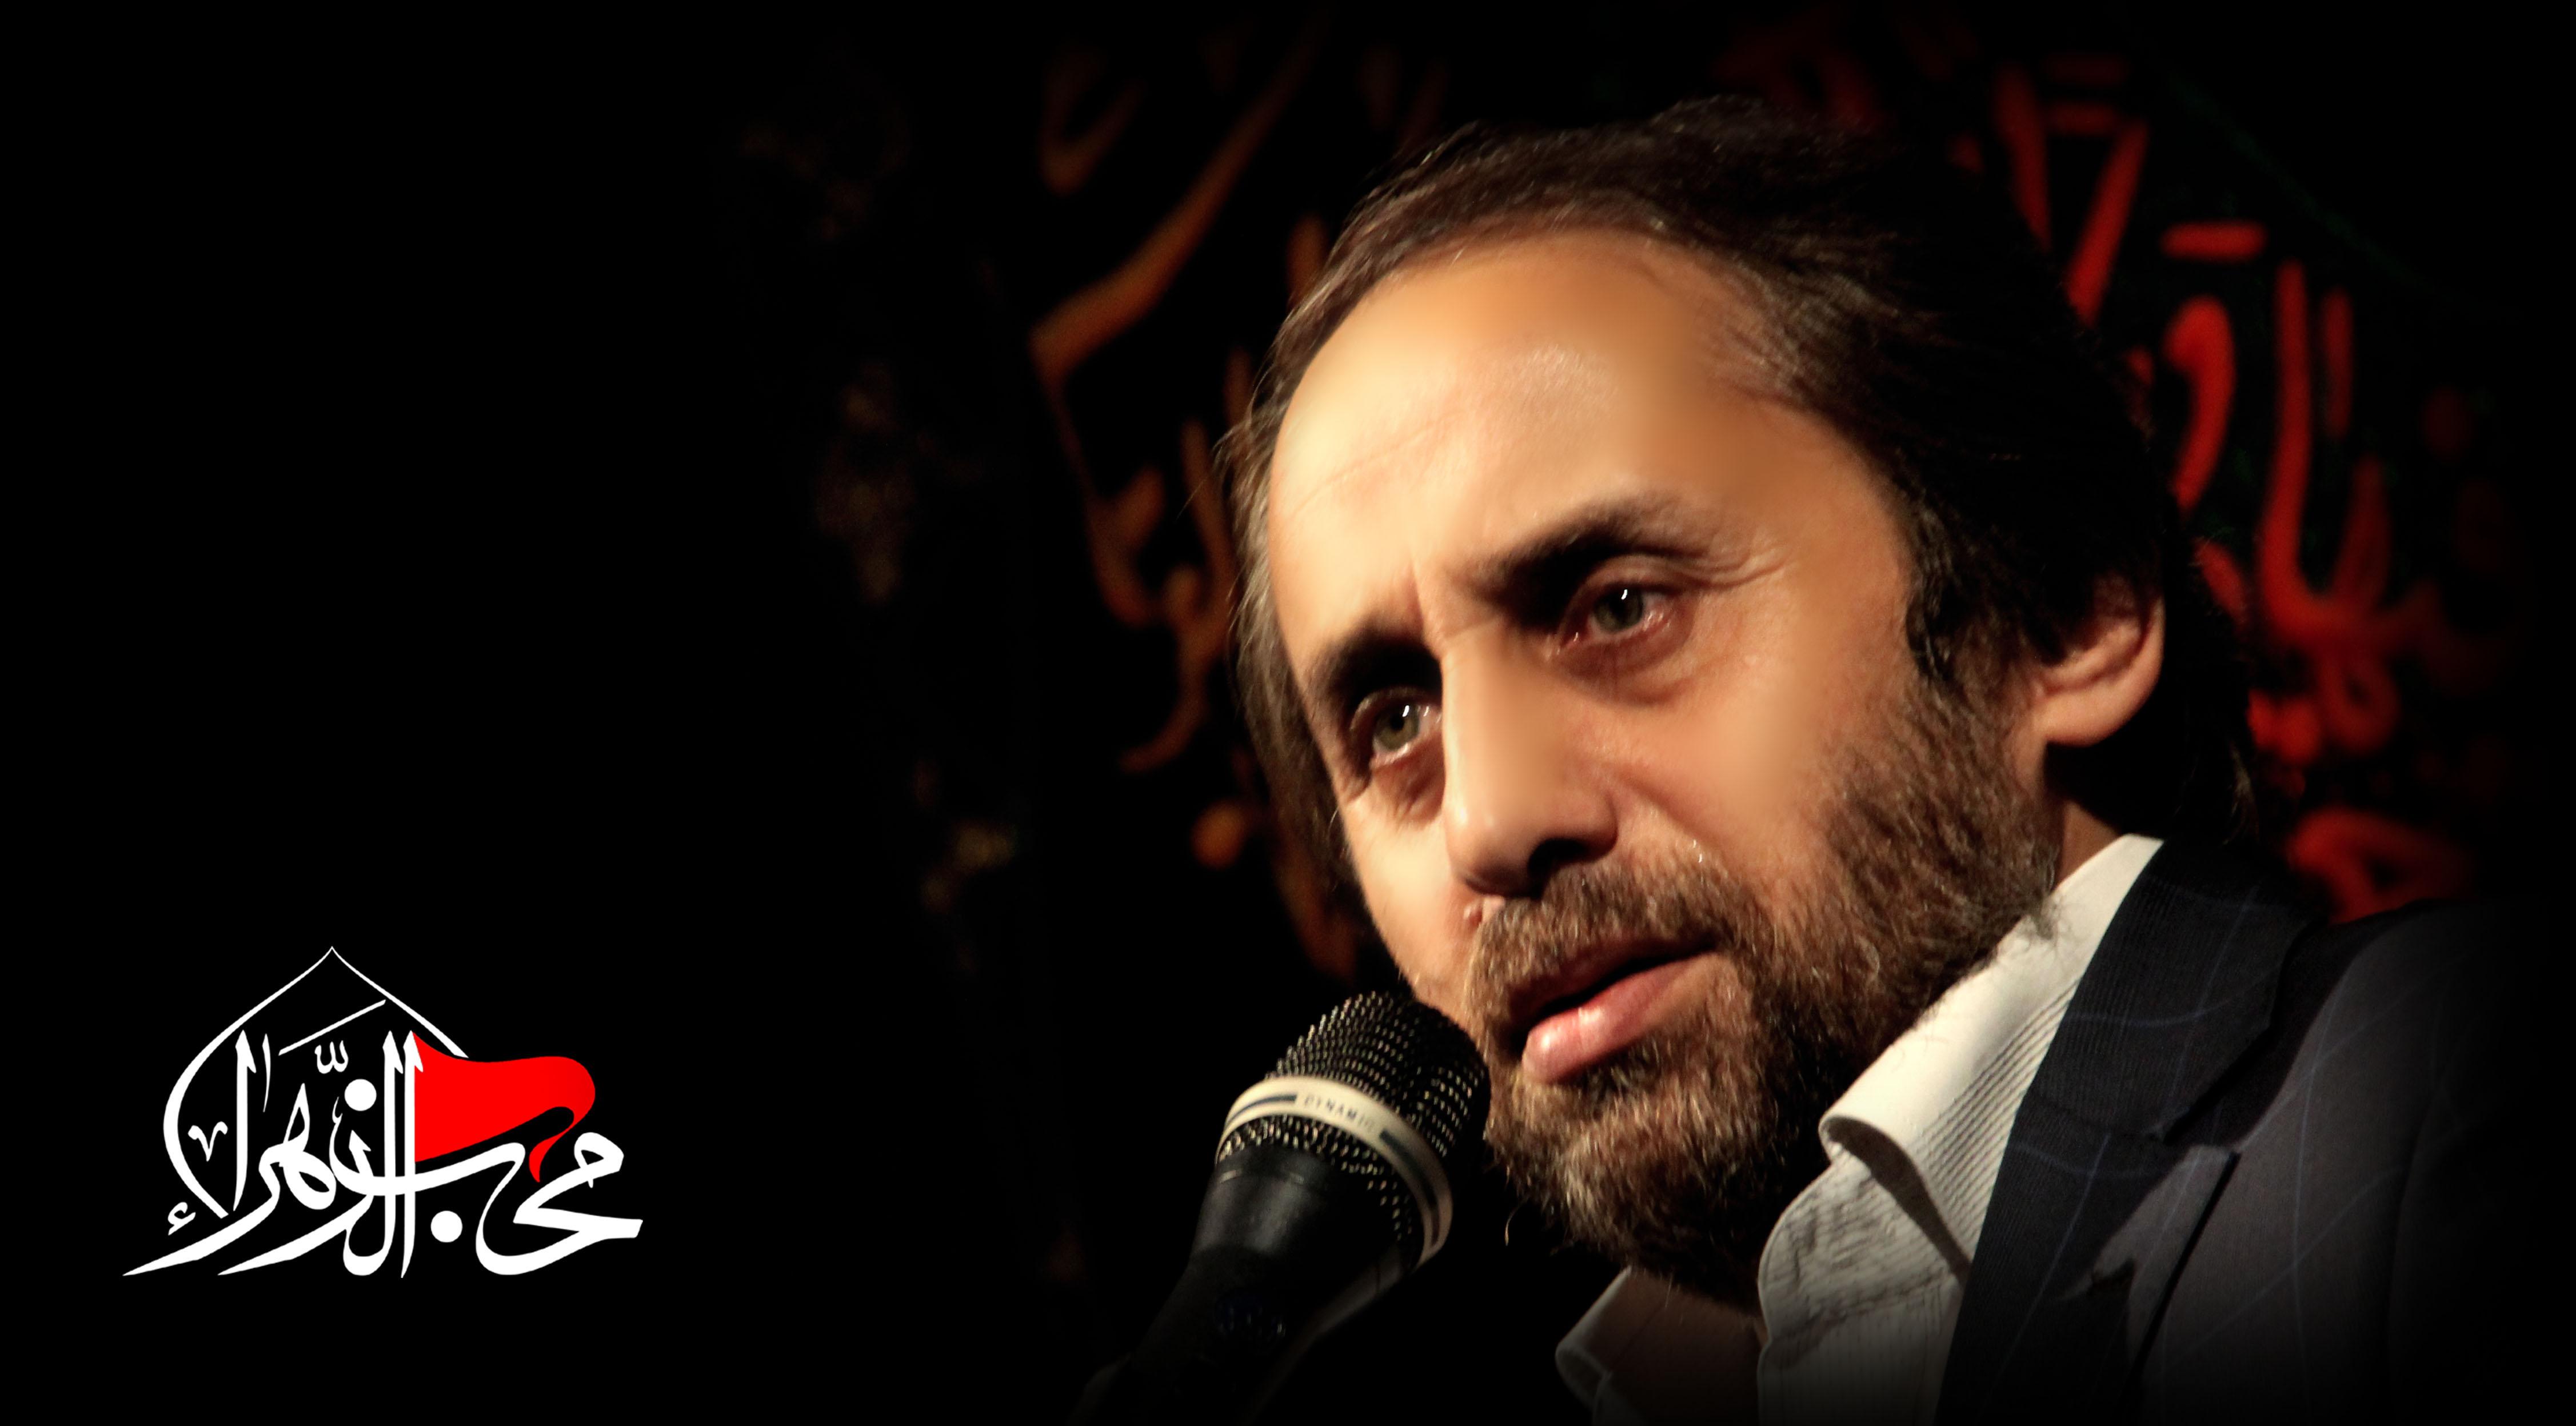 مداحی انقلابی حاج احمد واعظی در محضر رهبر انقلاب +فیلم